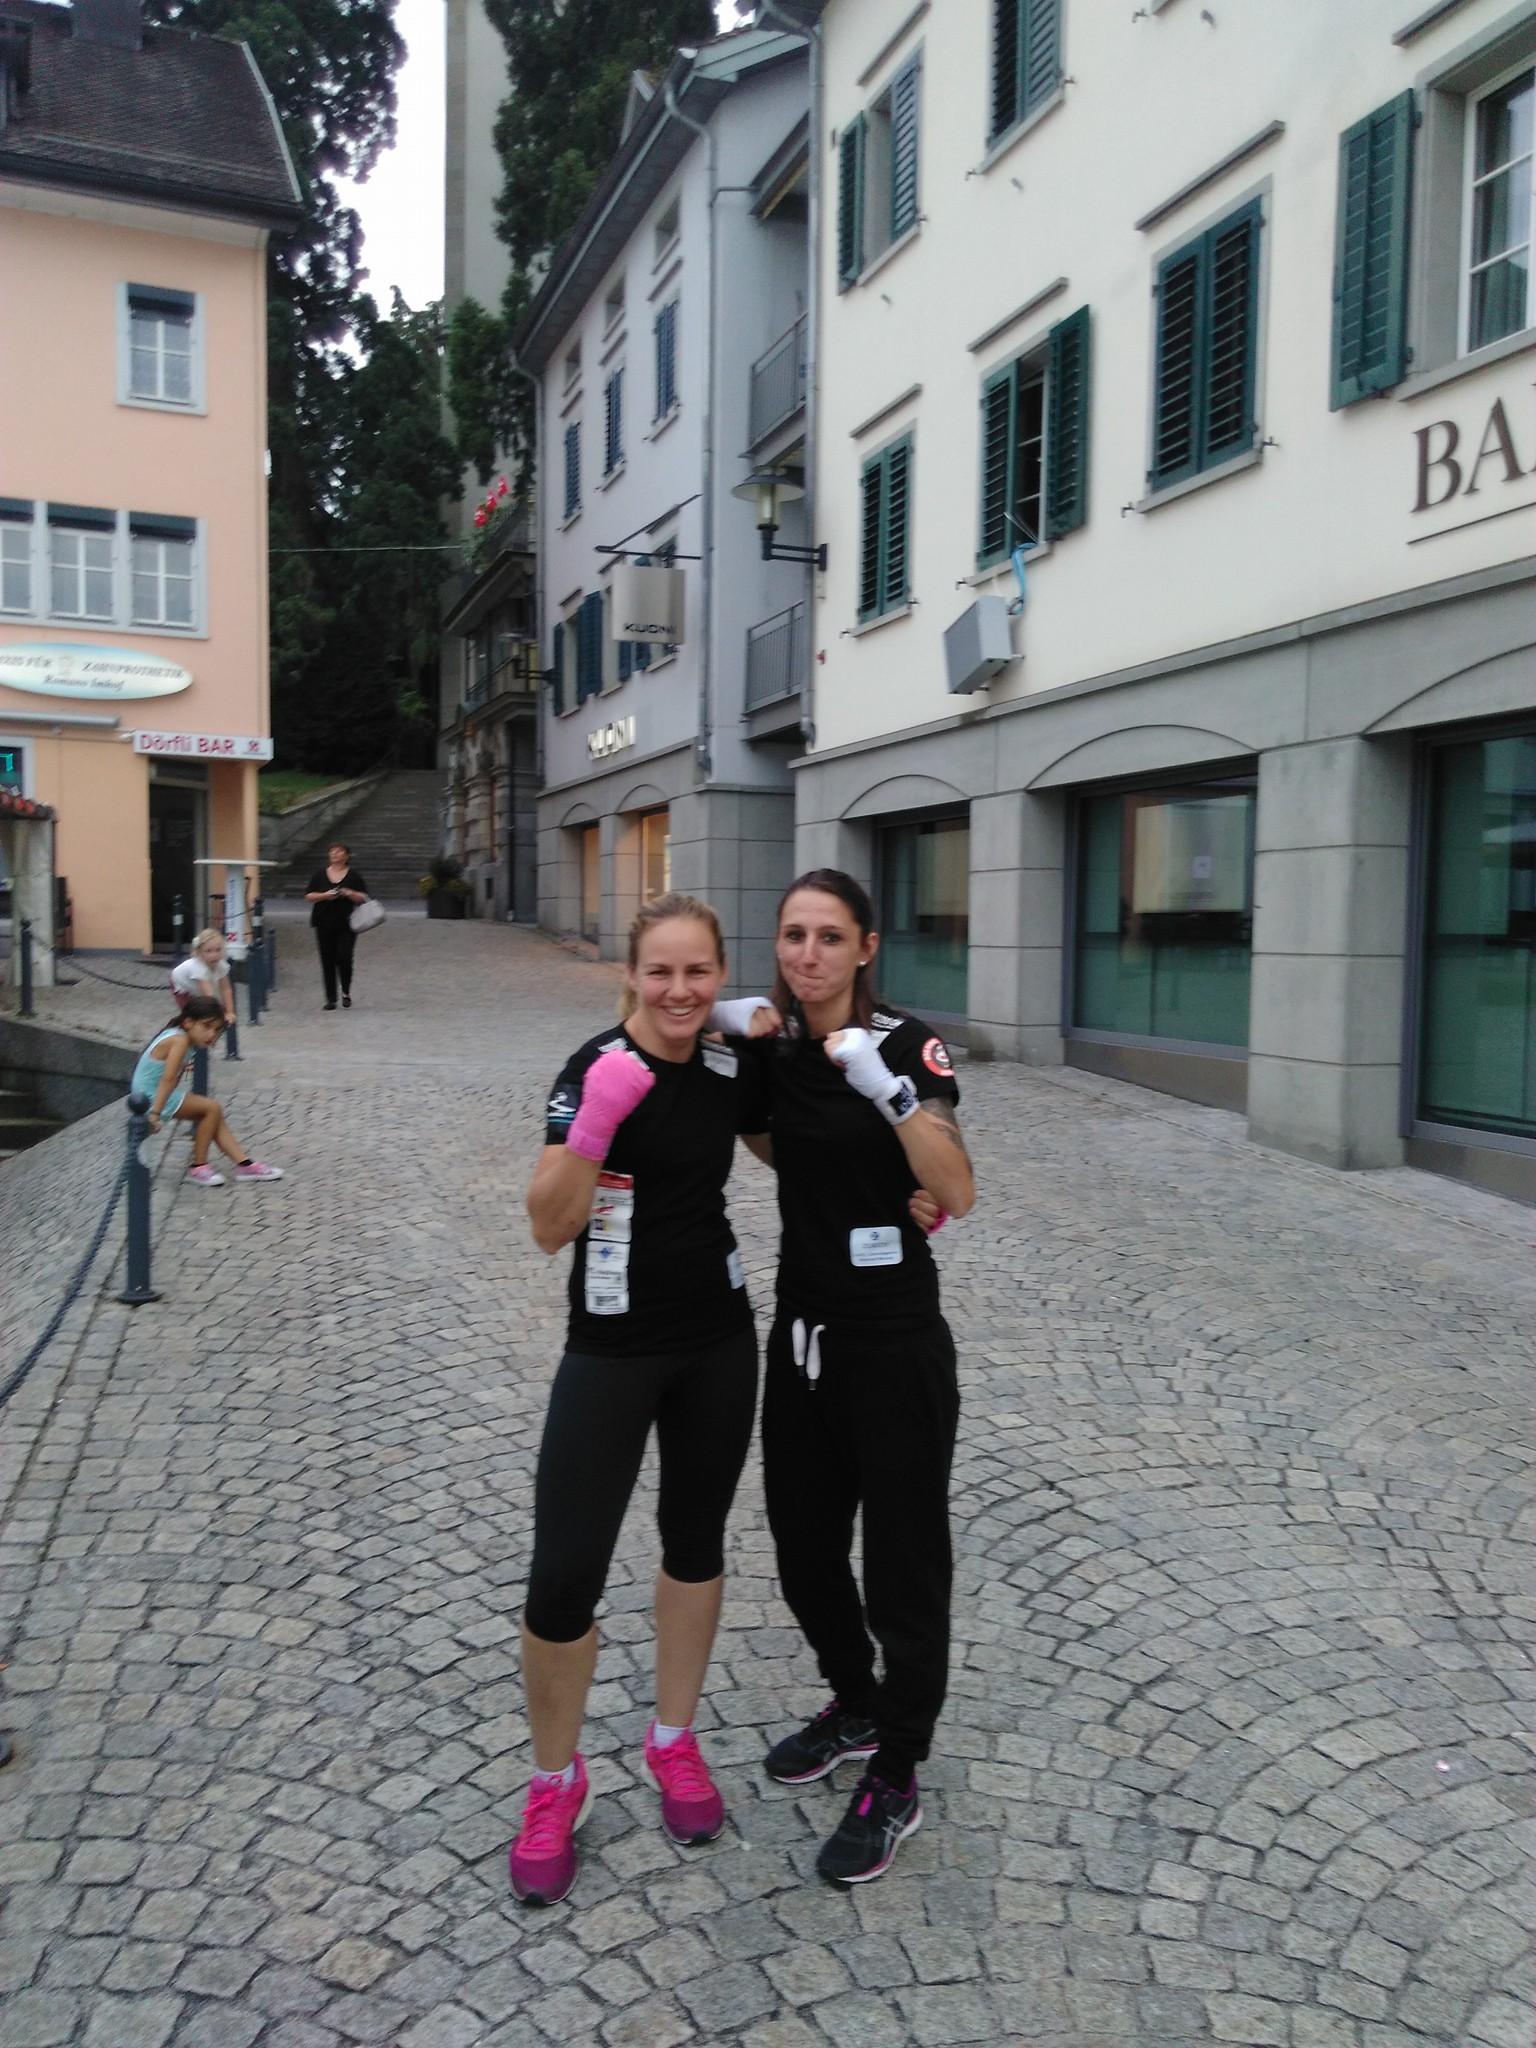 Dorfplatz Lebt Horgen 16, mit Box-Ring Zürichsee & CP Workout